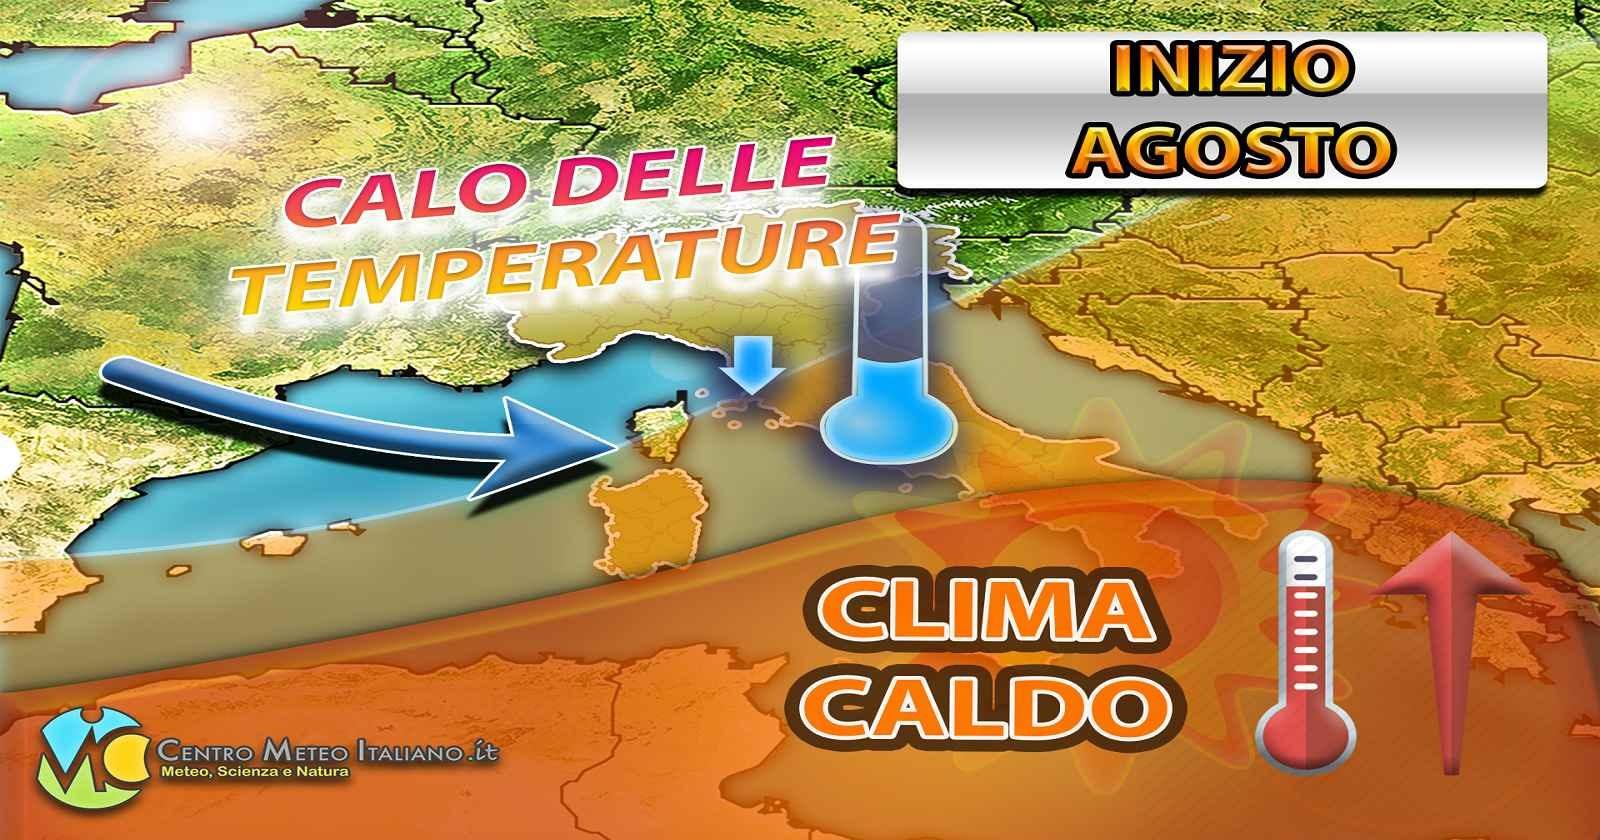 Meteo: agosto inizia con caldo intenso al Sud